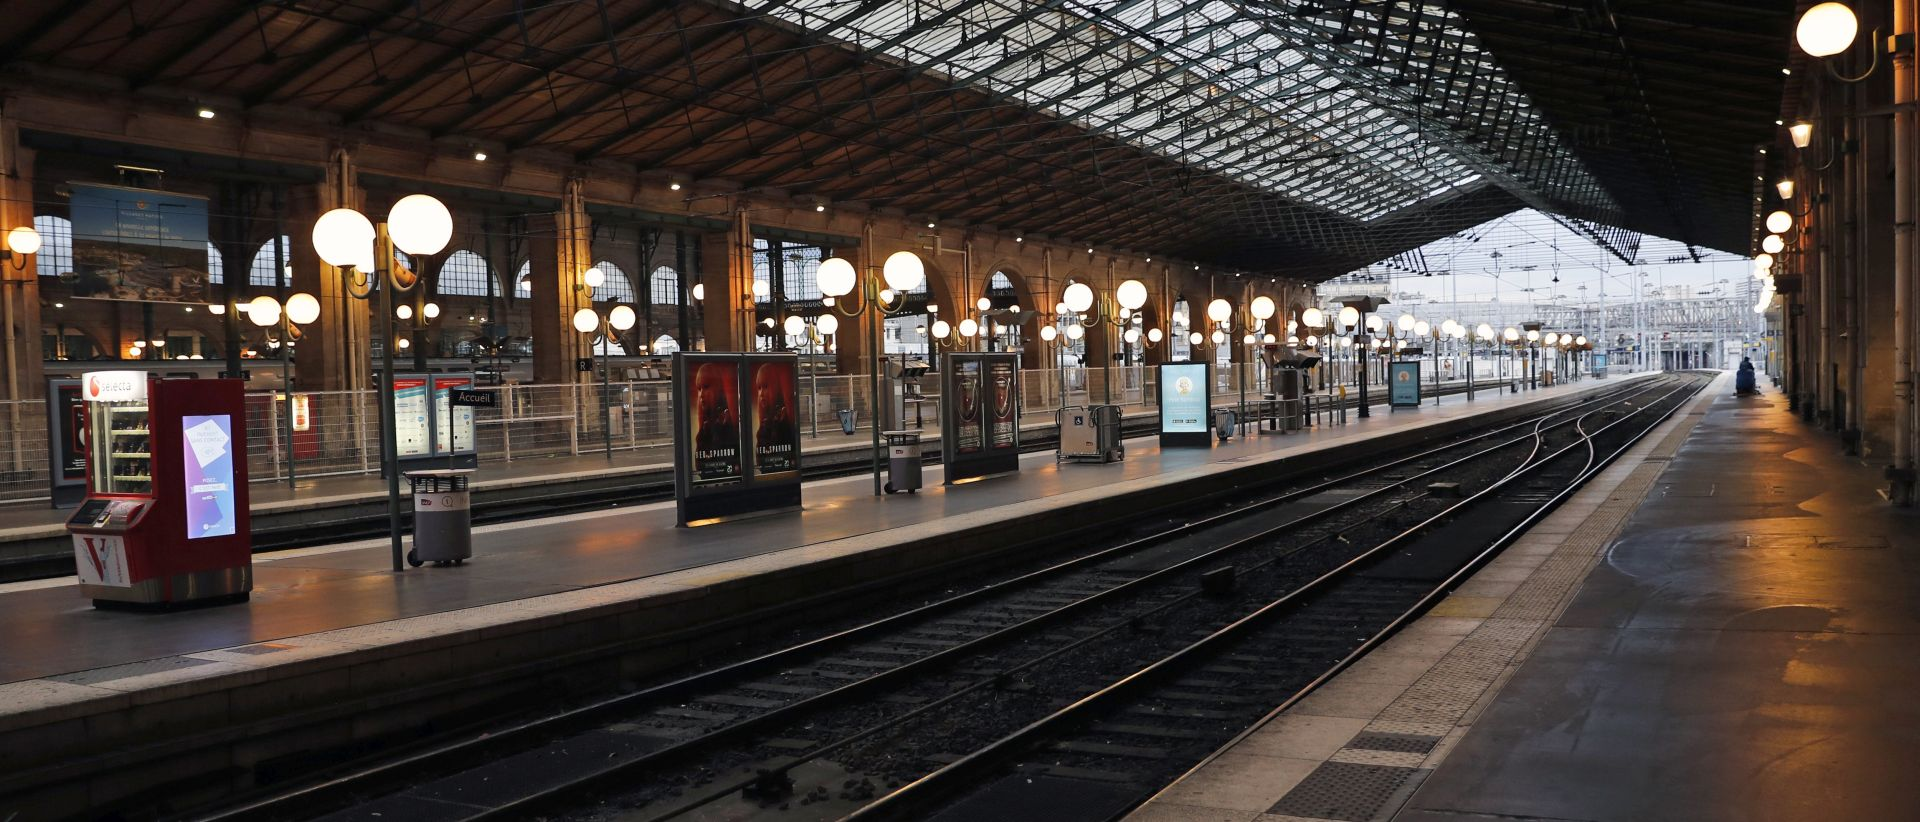 Štrajk zaposlenih u francuskim željeznicama